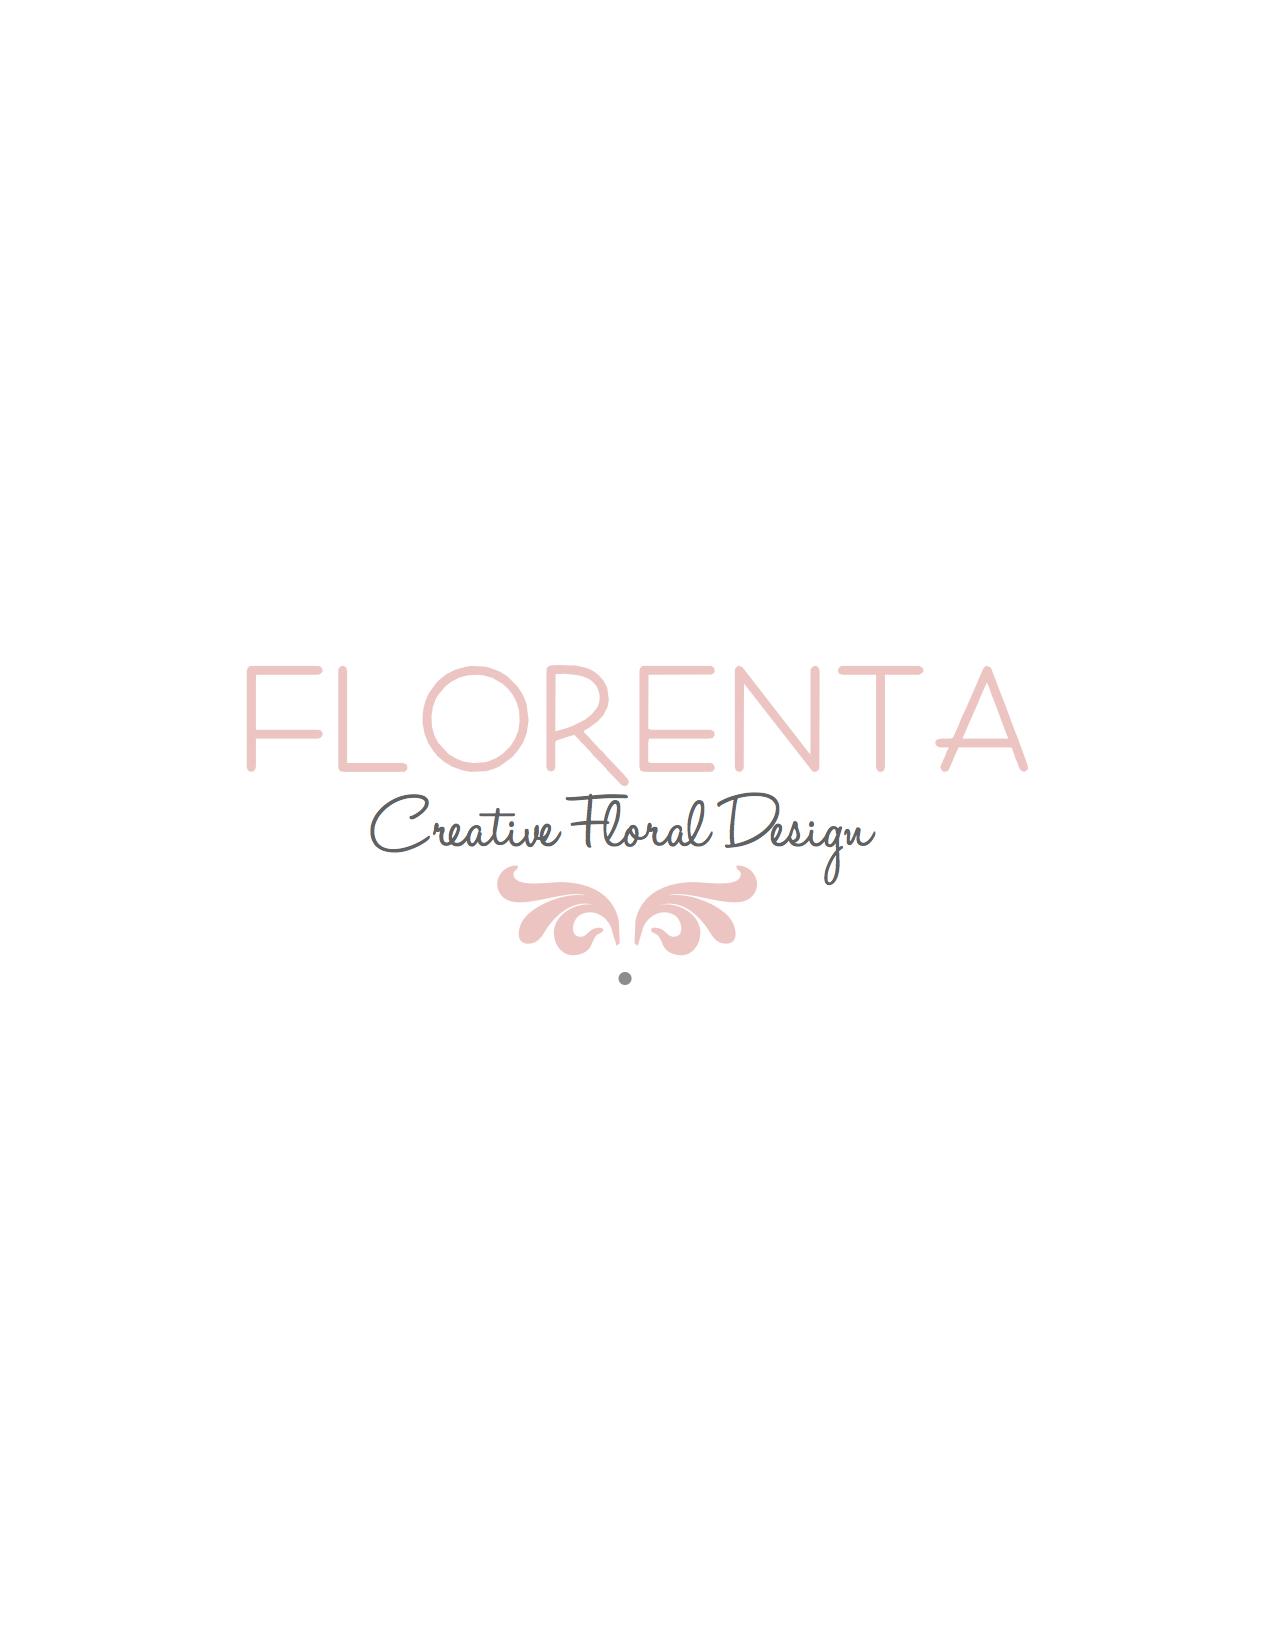 FLORENTA DESIGN